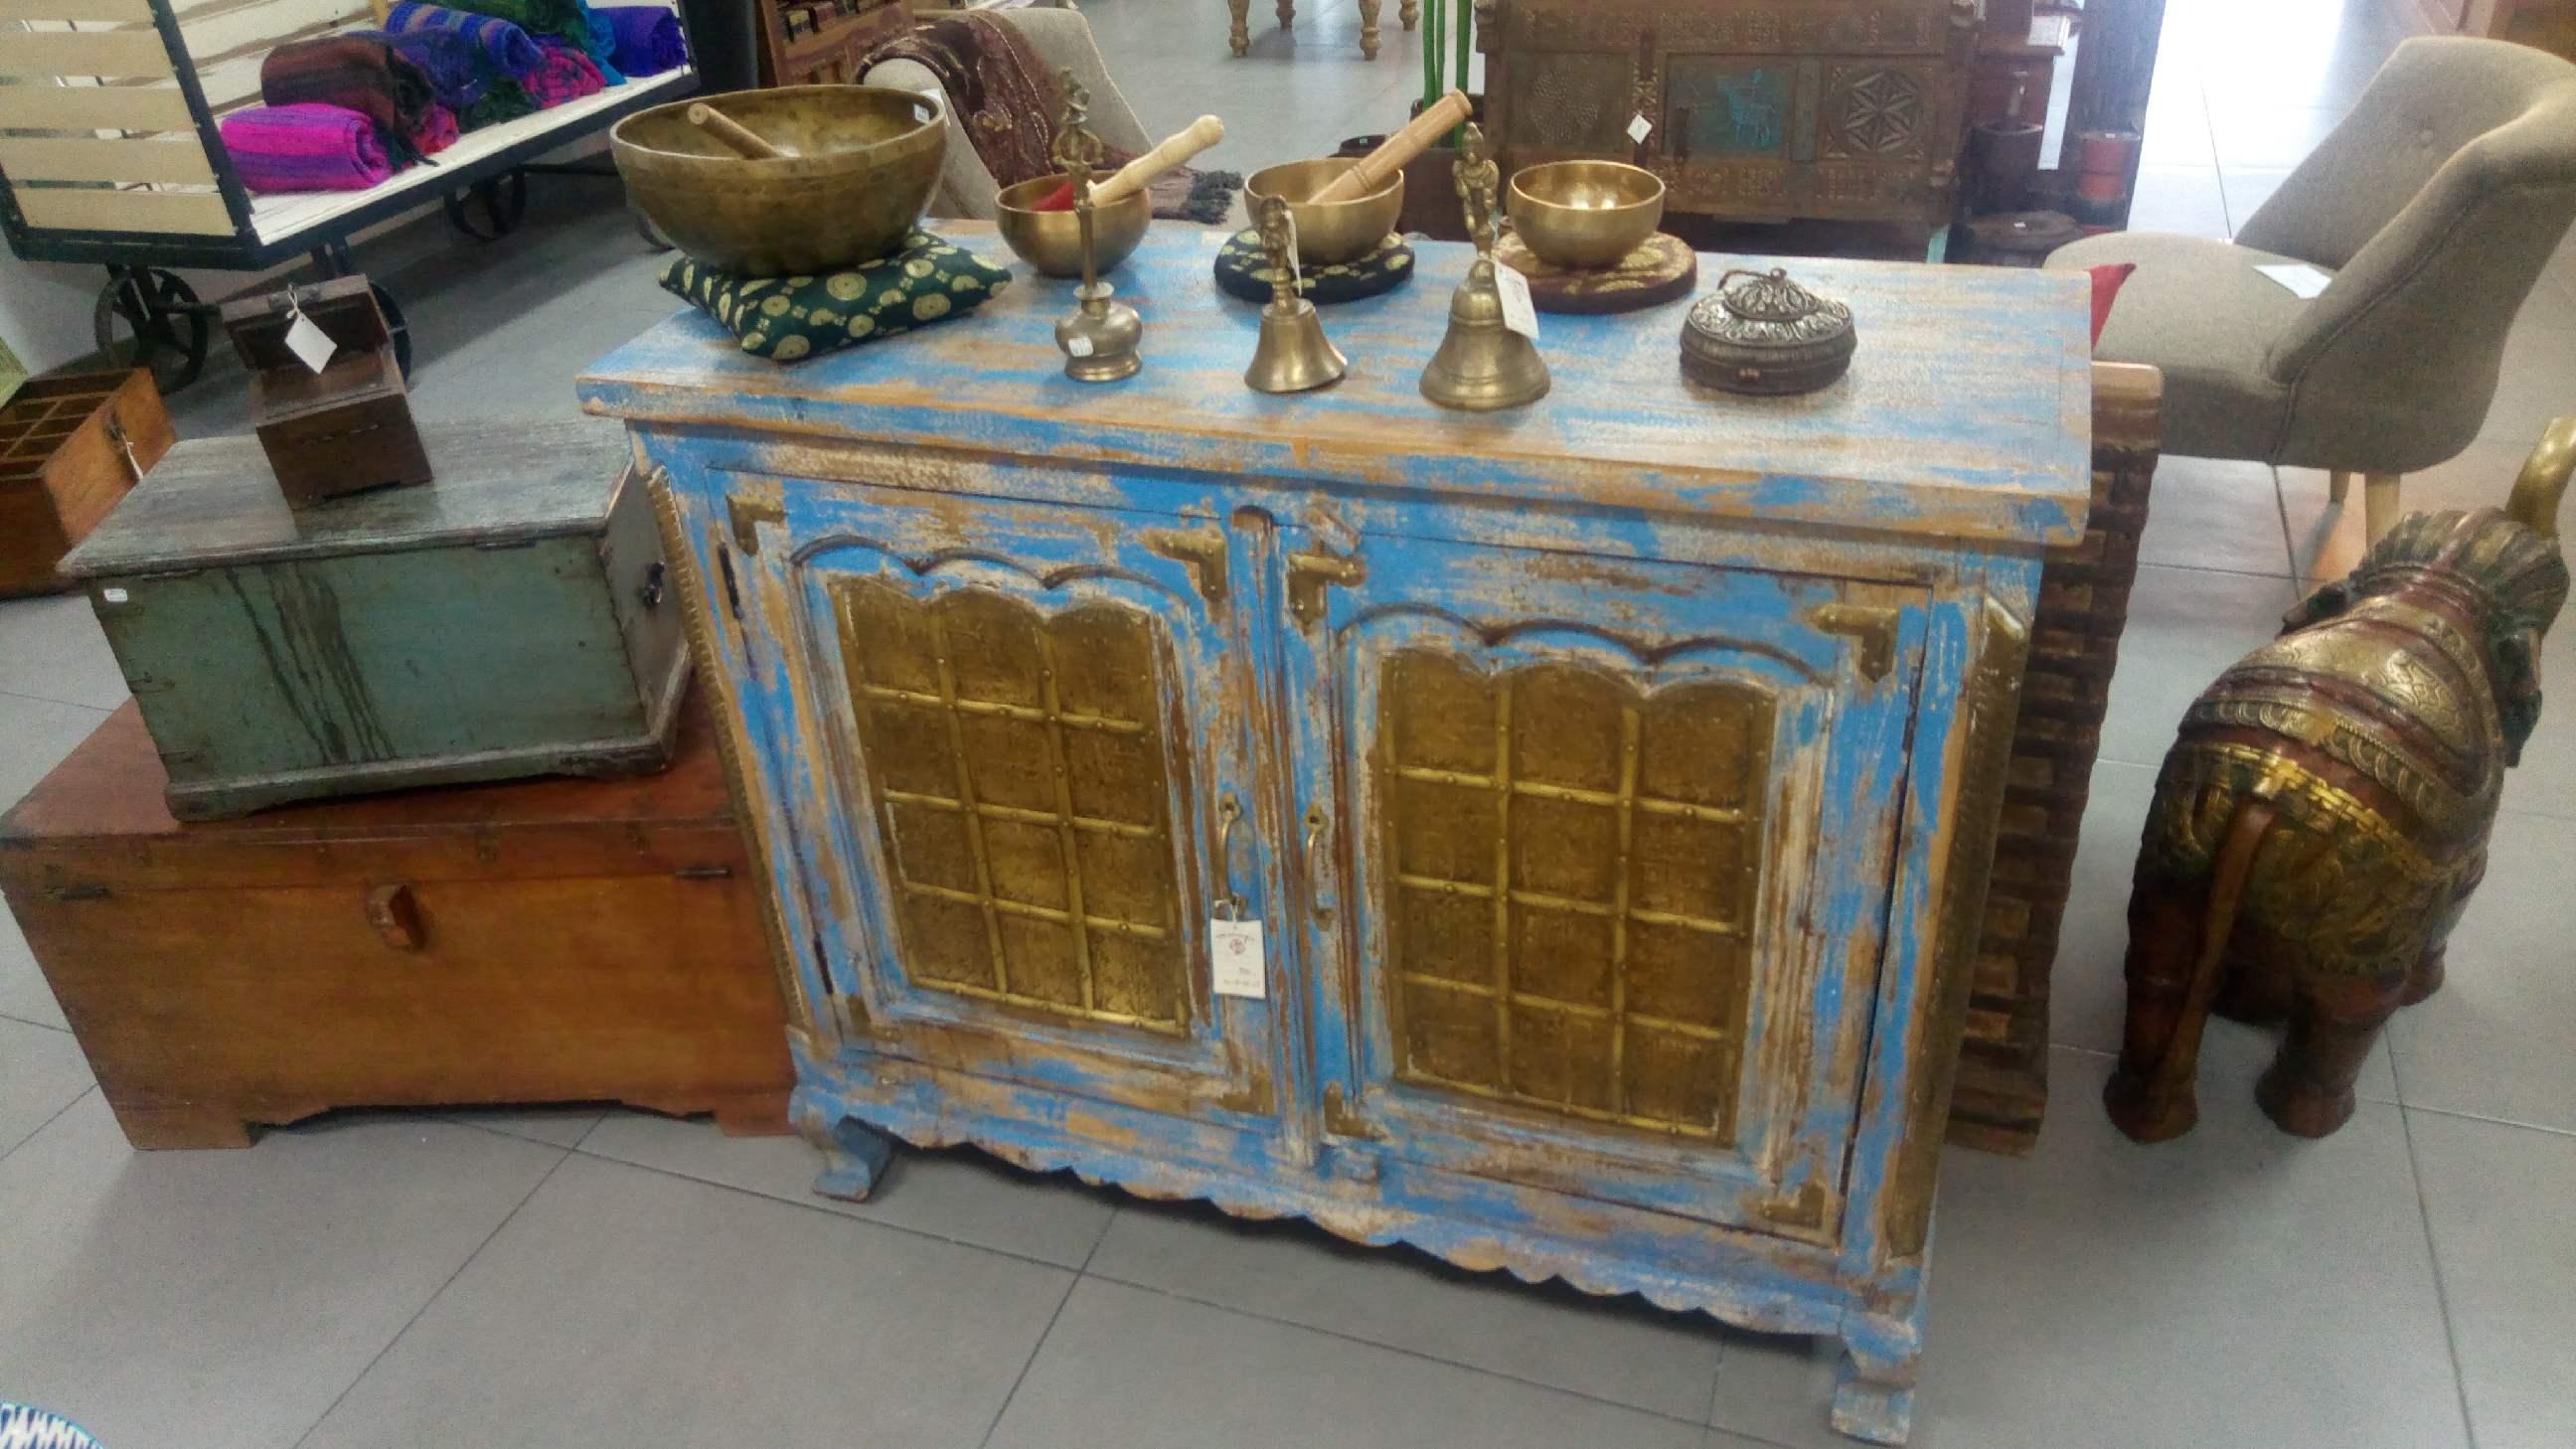 lisa la gerante de la boutique comptoir des indes wag 39n With comptoir des indes meubles 0 lisa la gerante de la boutique comptoir des indes wag n